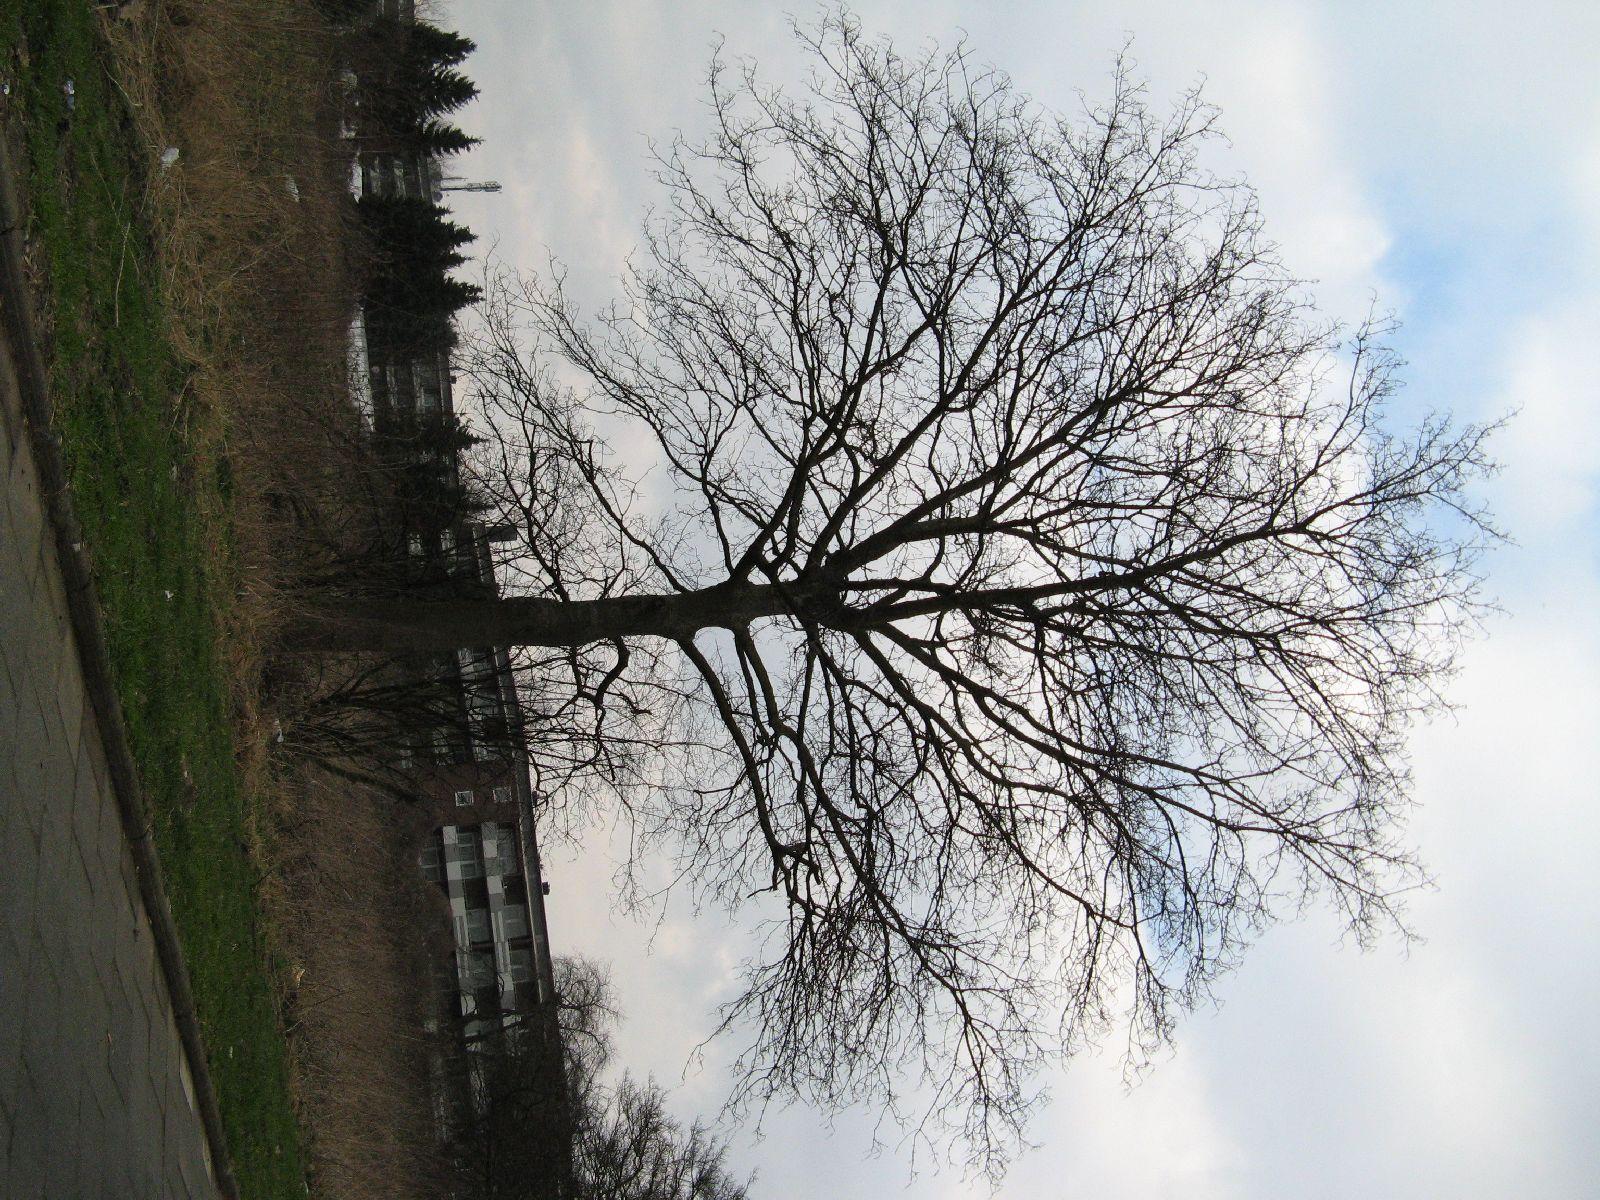 Pflanzen-Baum-Silhouette-Foto_Textur_B_43510